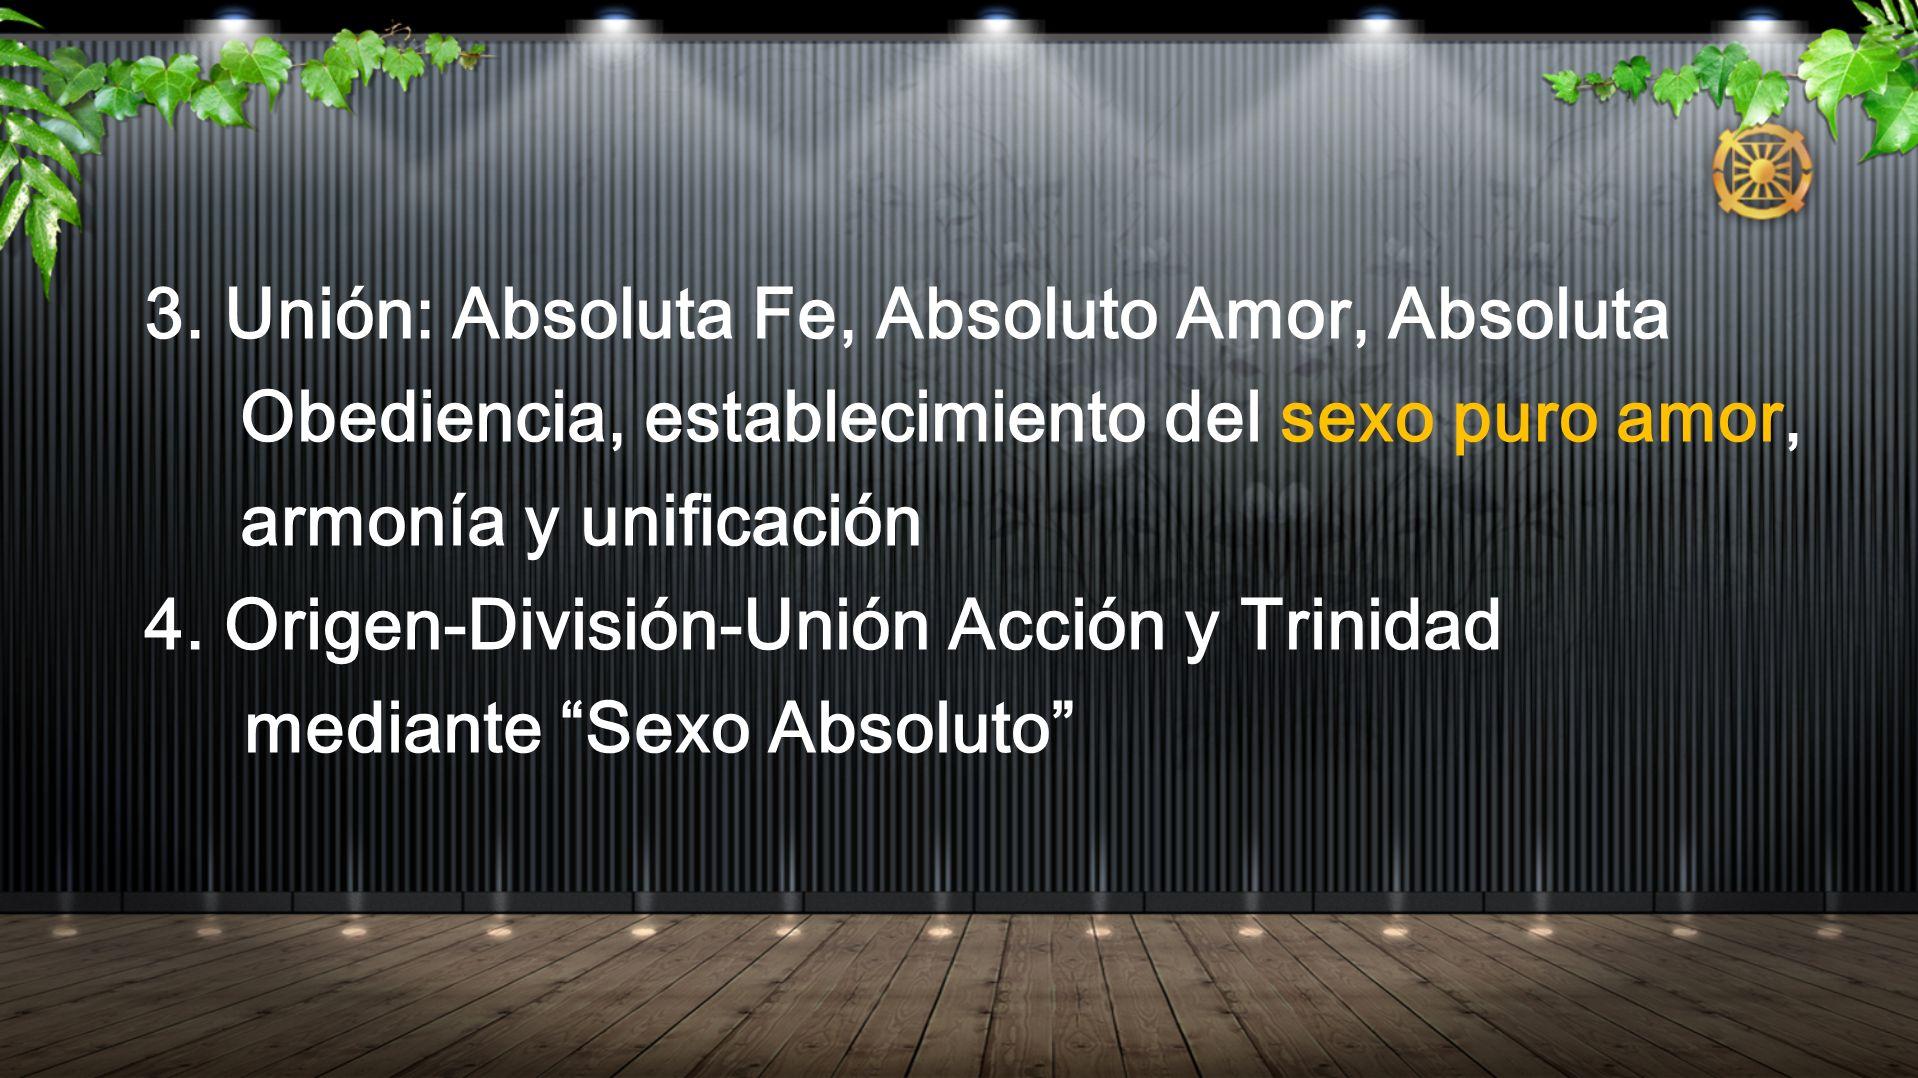 3. Unión: Absoluta Fe, Absoluto Amor, Absoluta